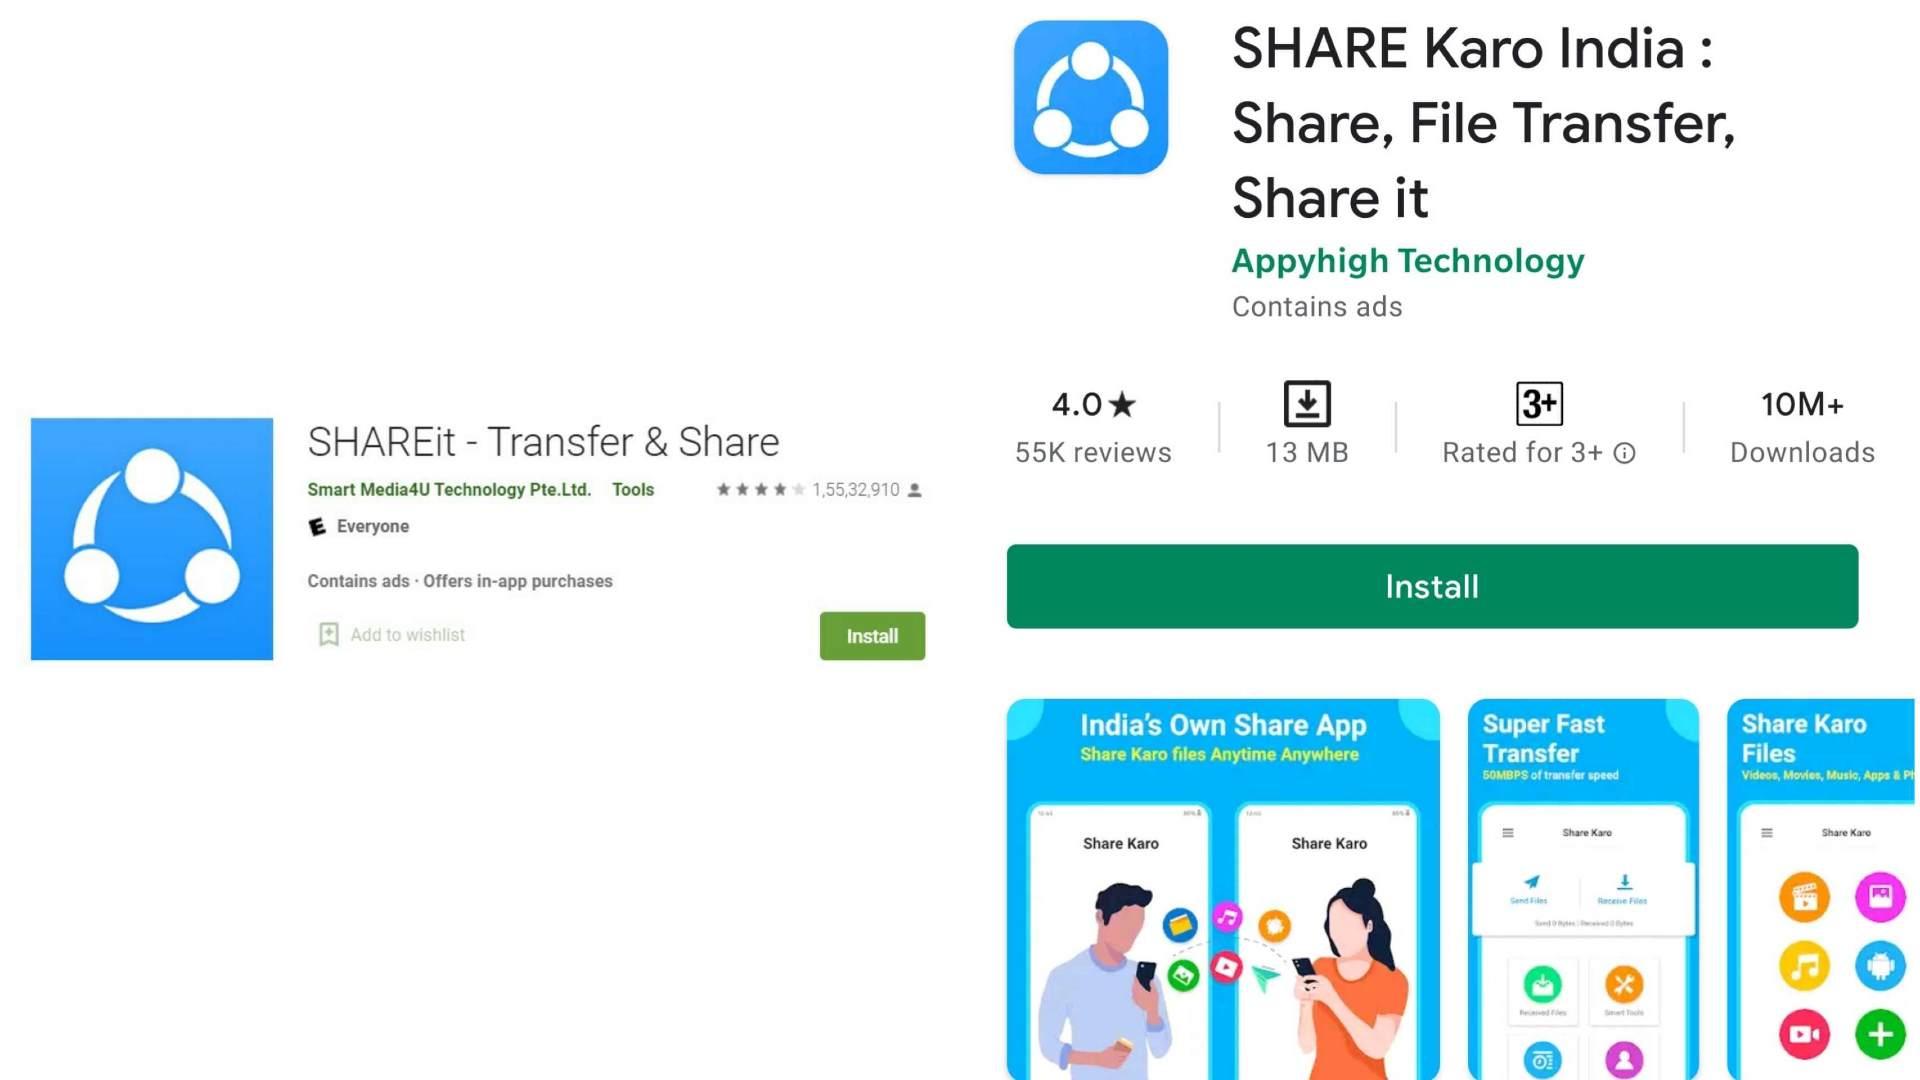 Shareit-ShareKaroIndia